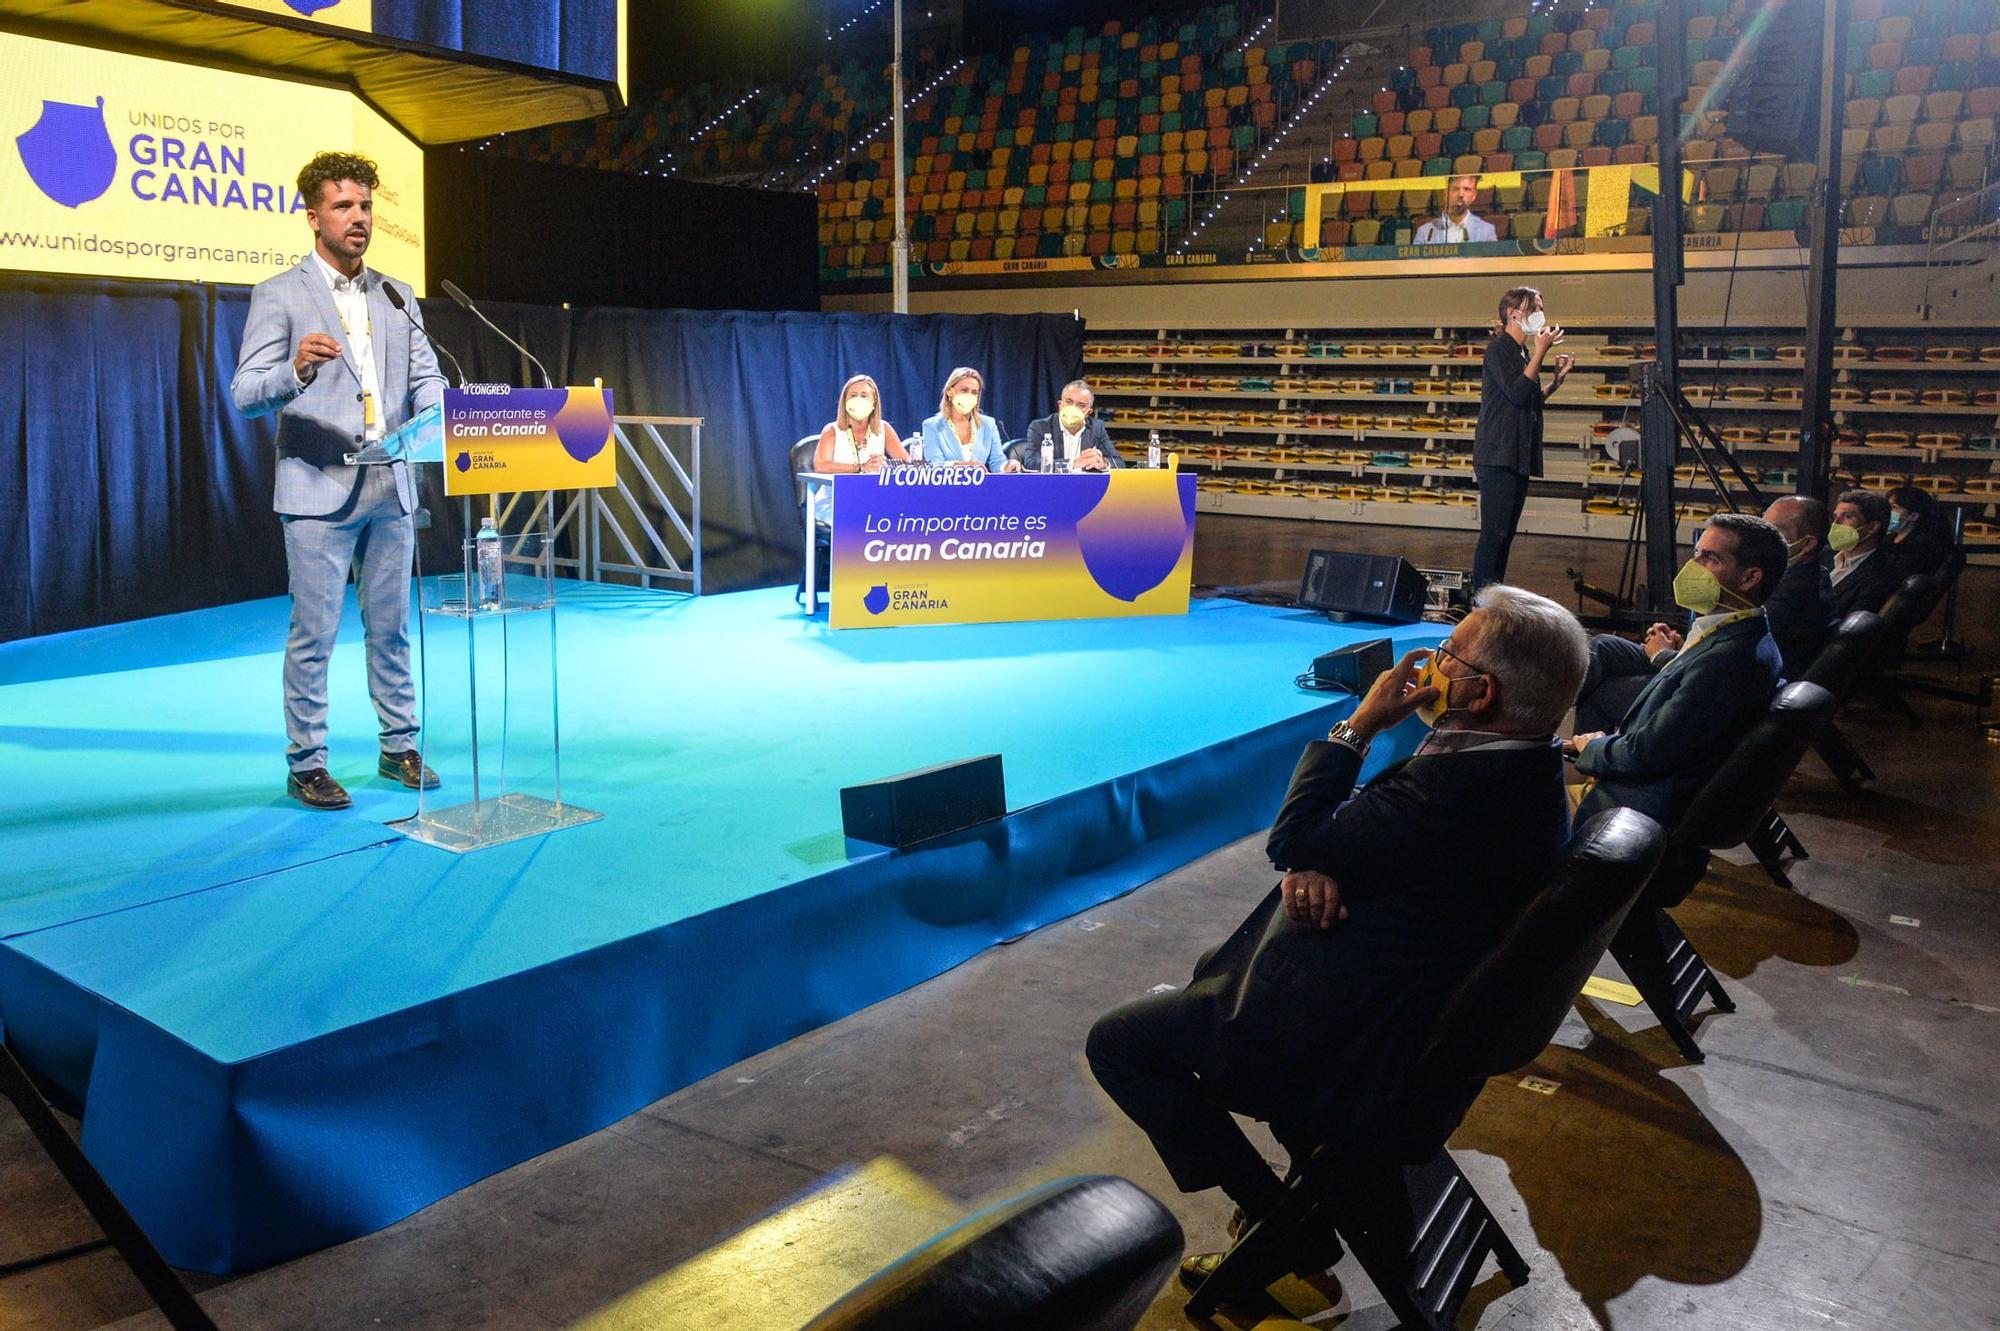 II Congreso de Unidos por Gran Canaria